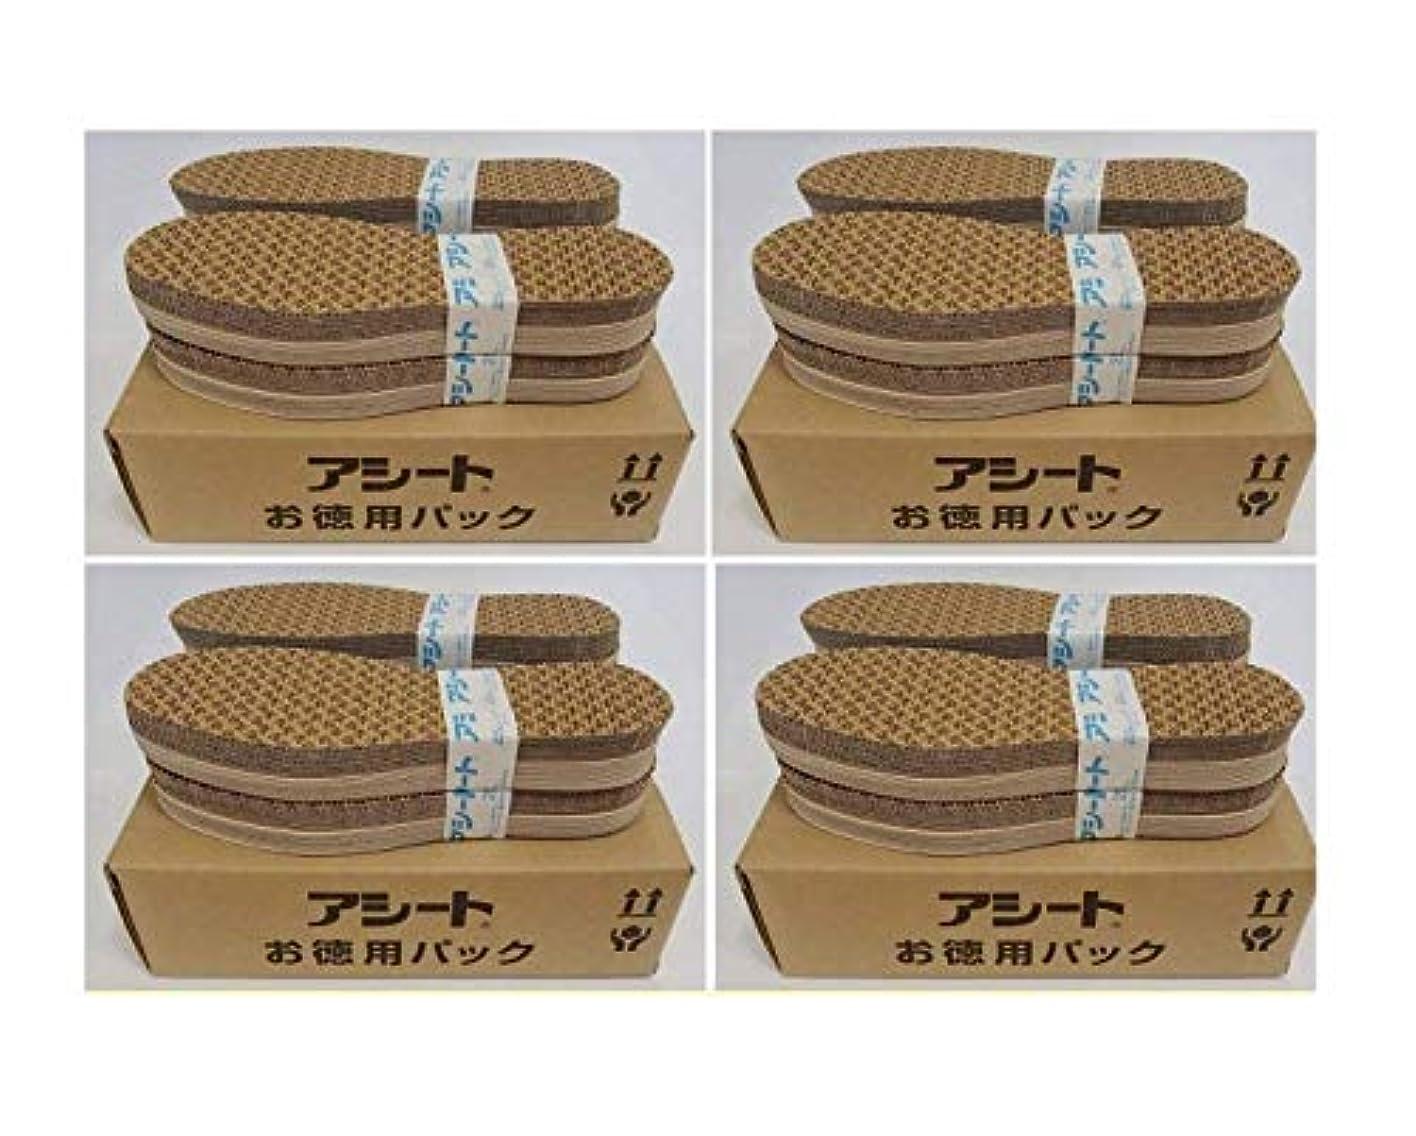 過敏な飢えトチの実の木アシートOタイプ40足入お徳用4パックの160足セット (22.5~23cm 女性靴用)